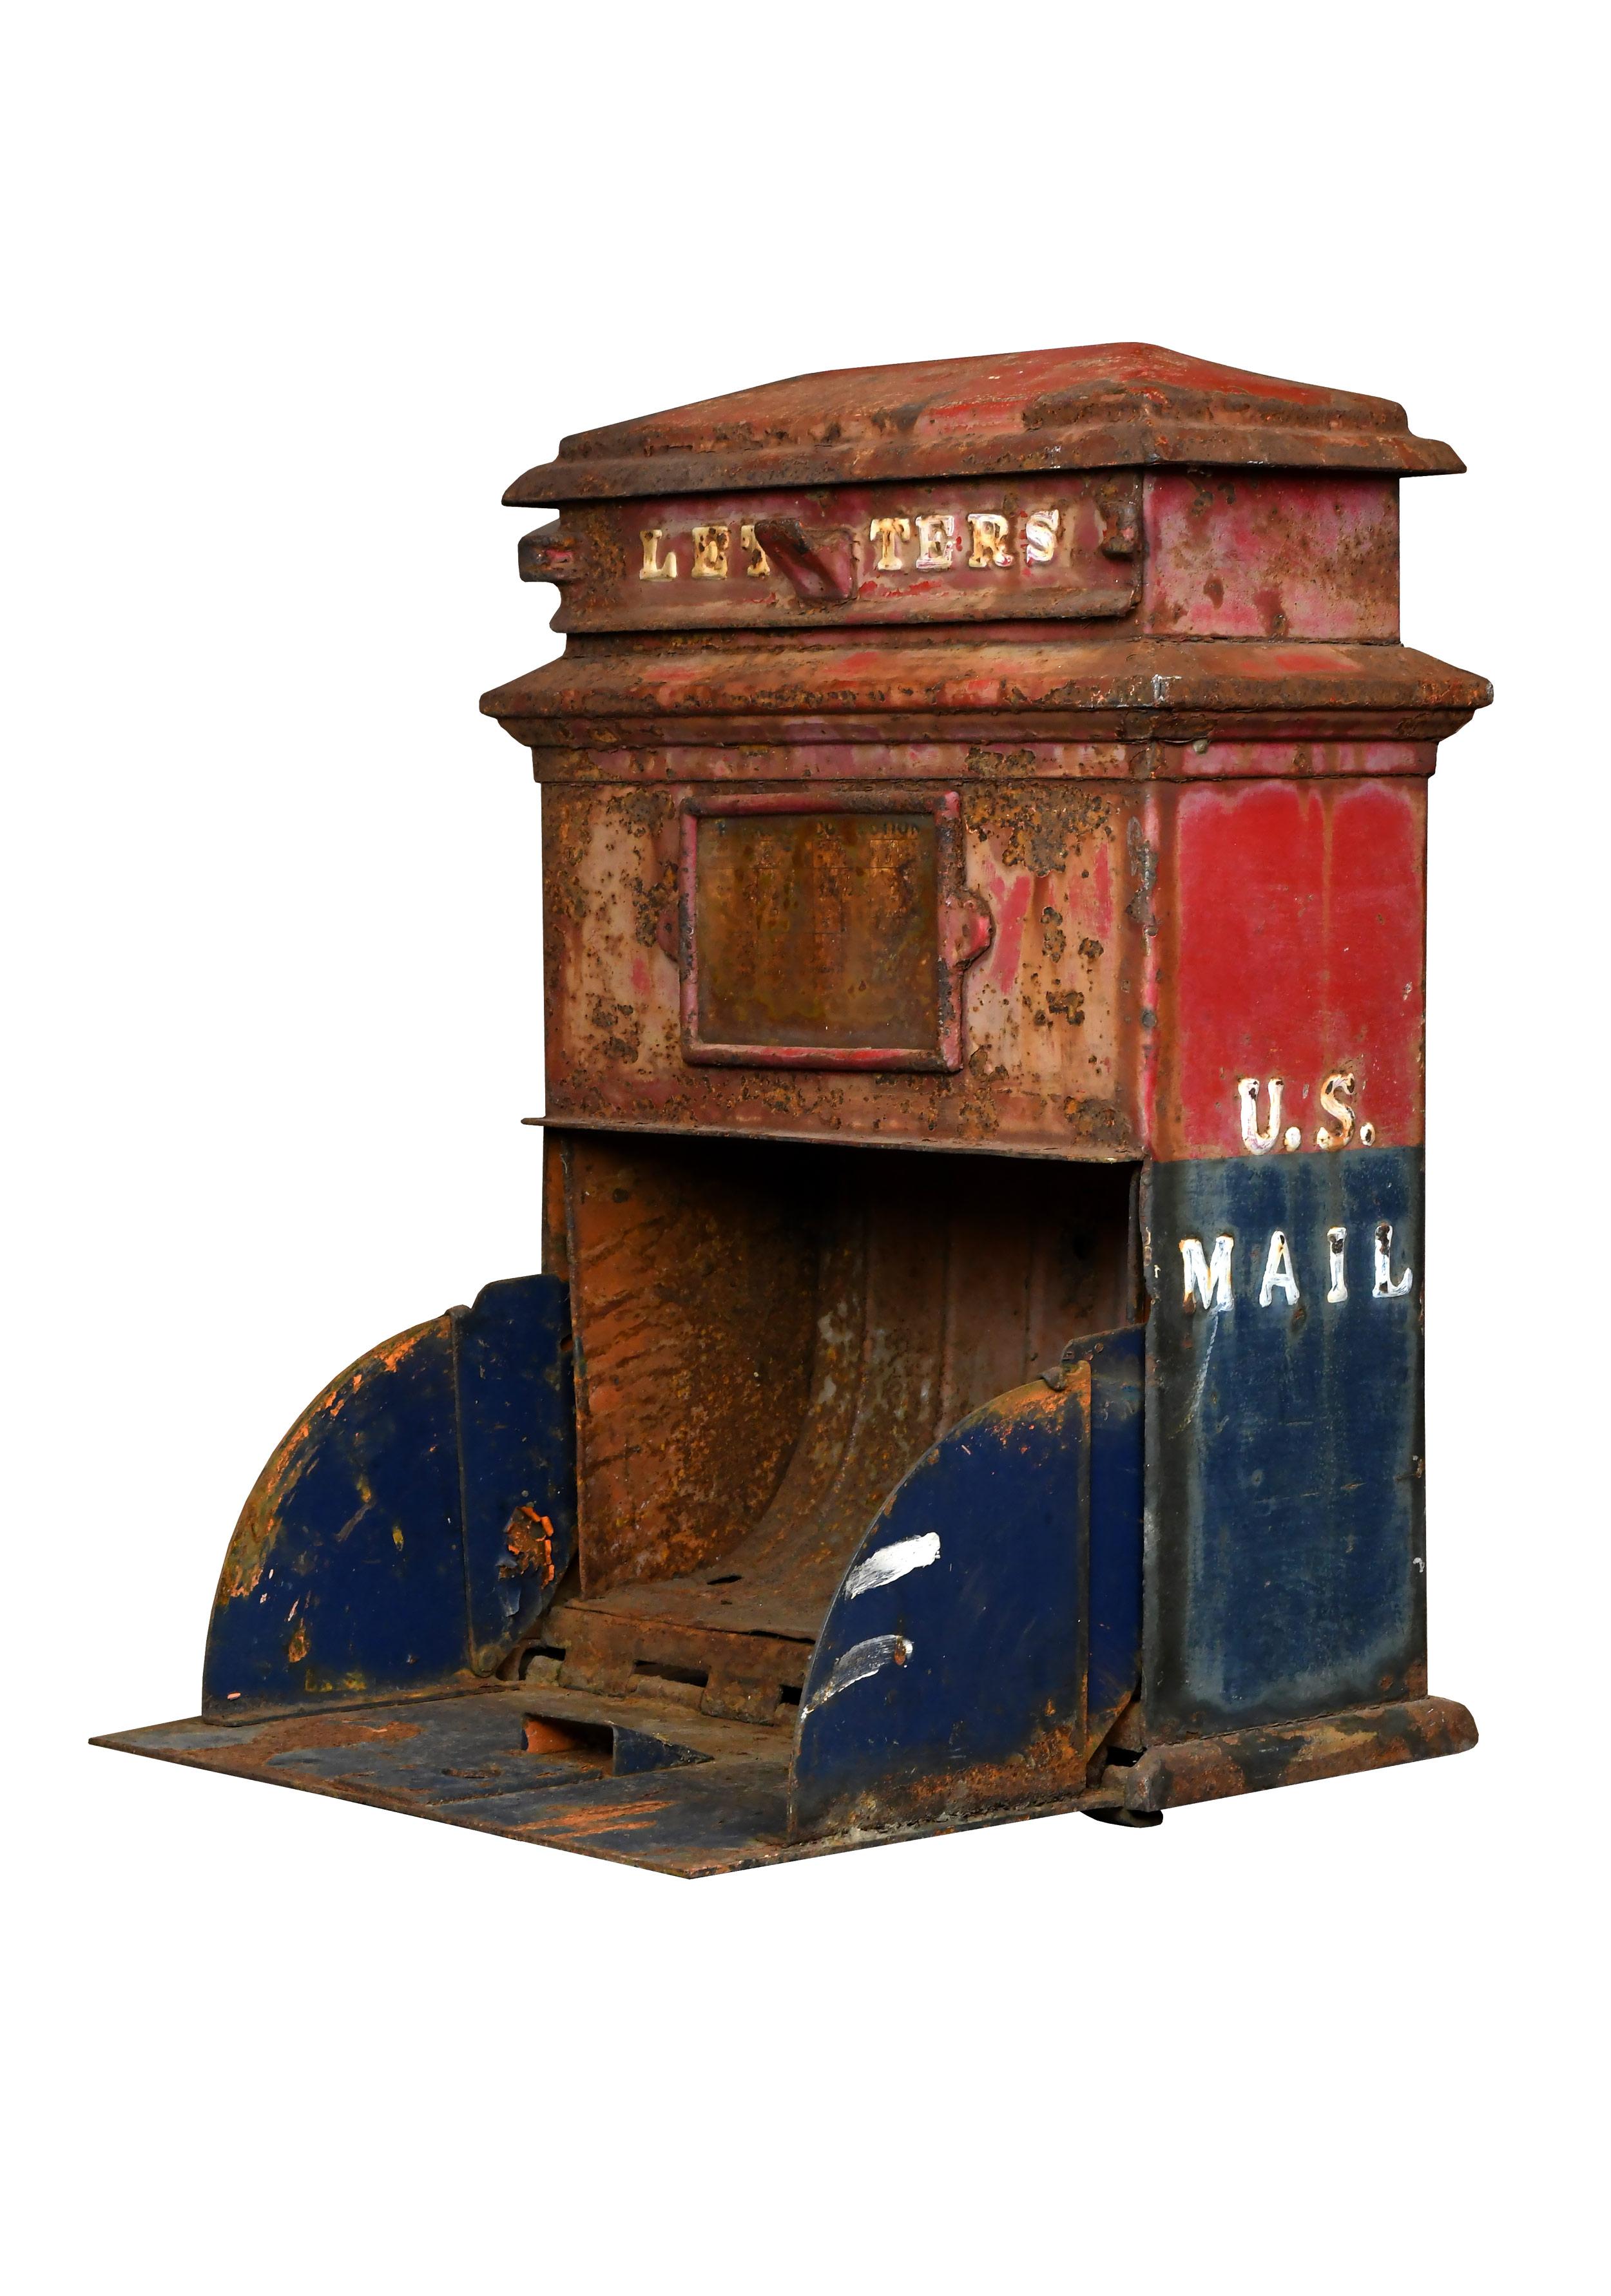 47478-iron-mailbox-open-slot-full-view.jpg